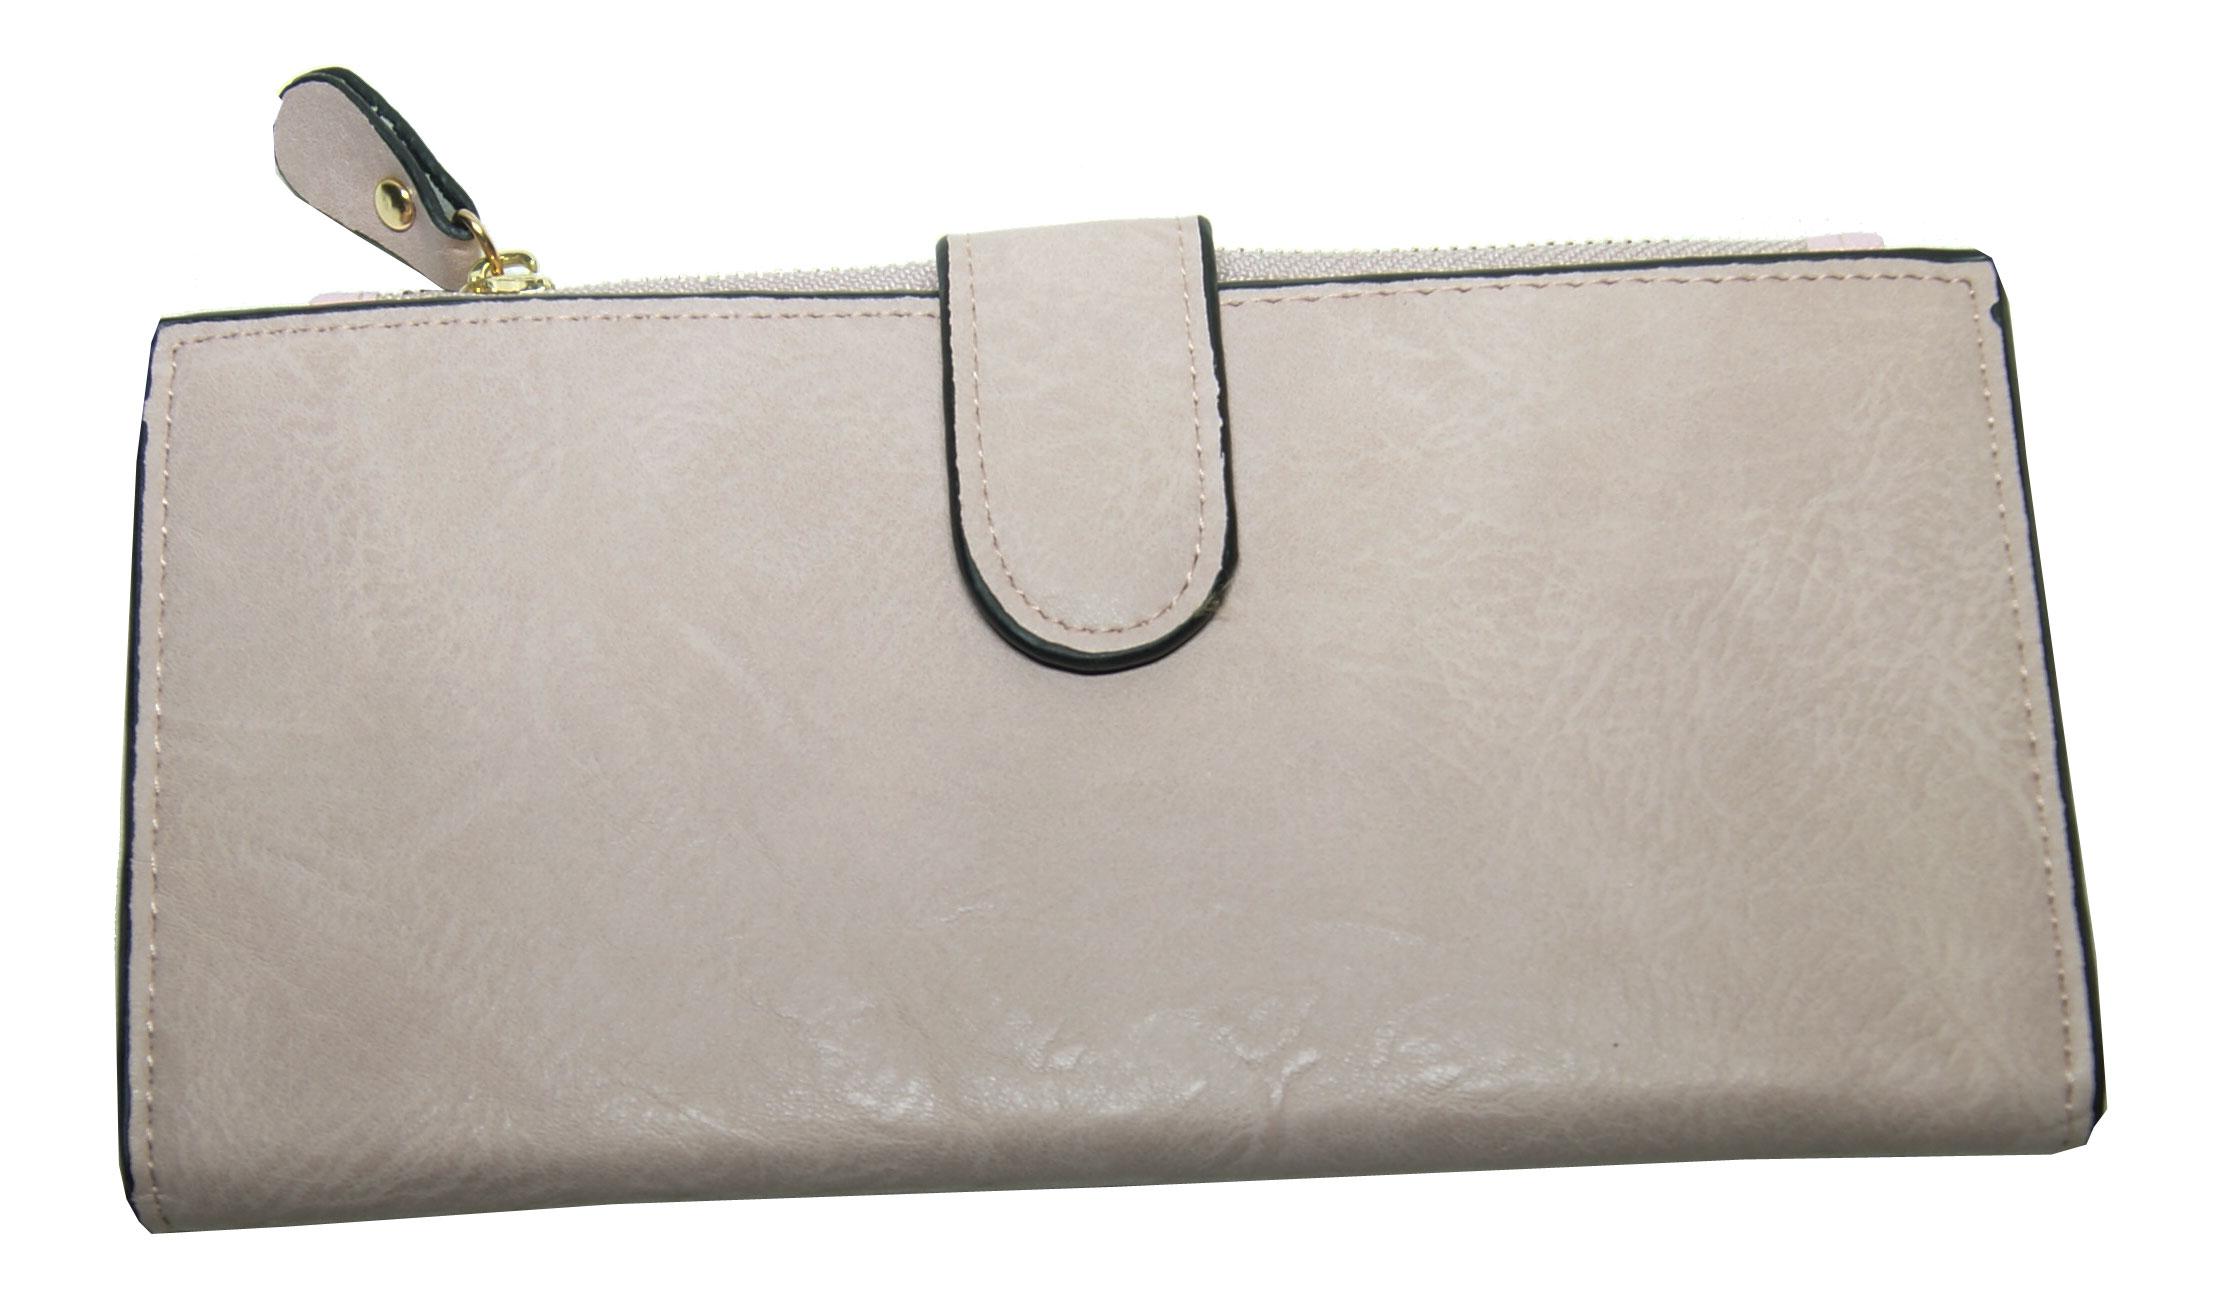 Πορτοφόλι γυναικείο Νο 131 - Ροζ (Jessica κωδ.: G-131)